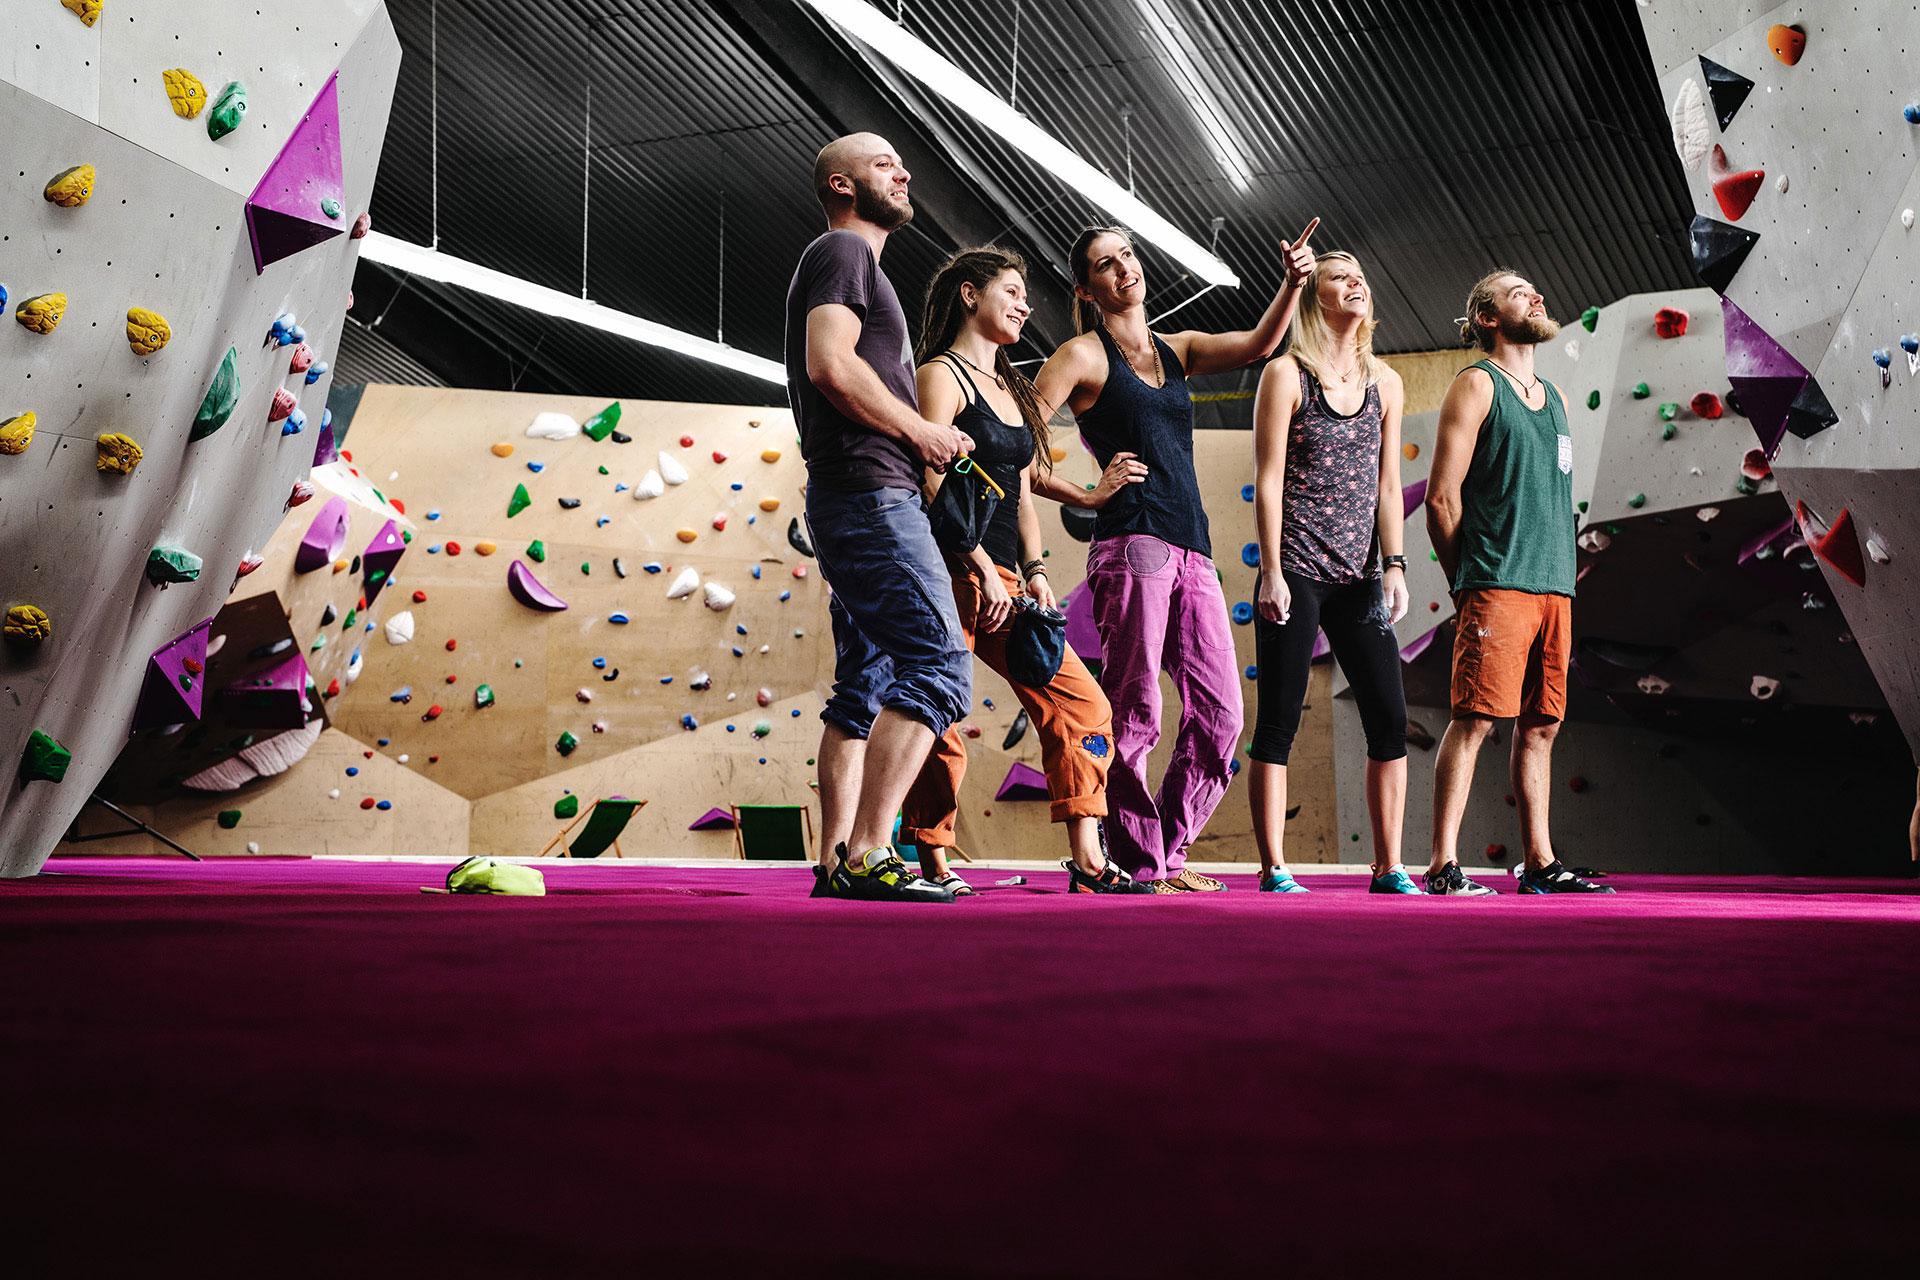 Indoor Bouldern Oberhausen